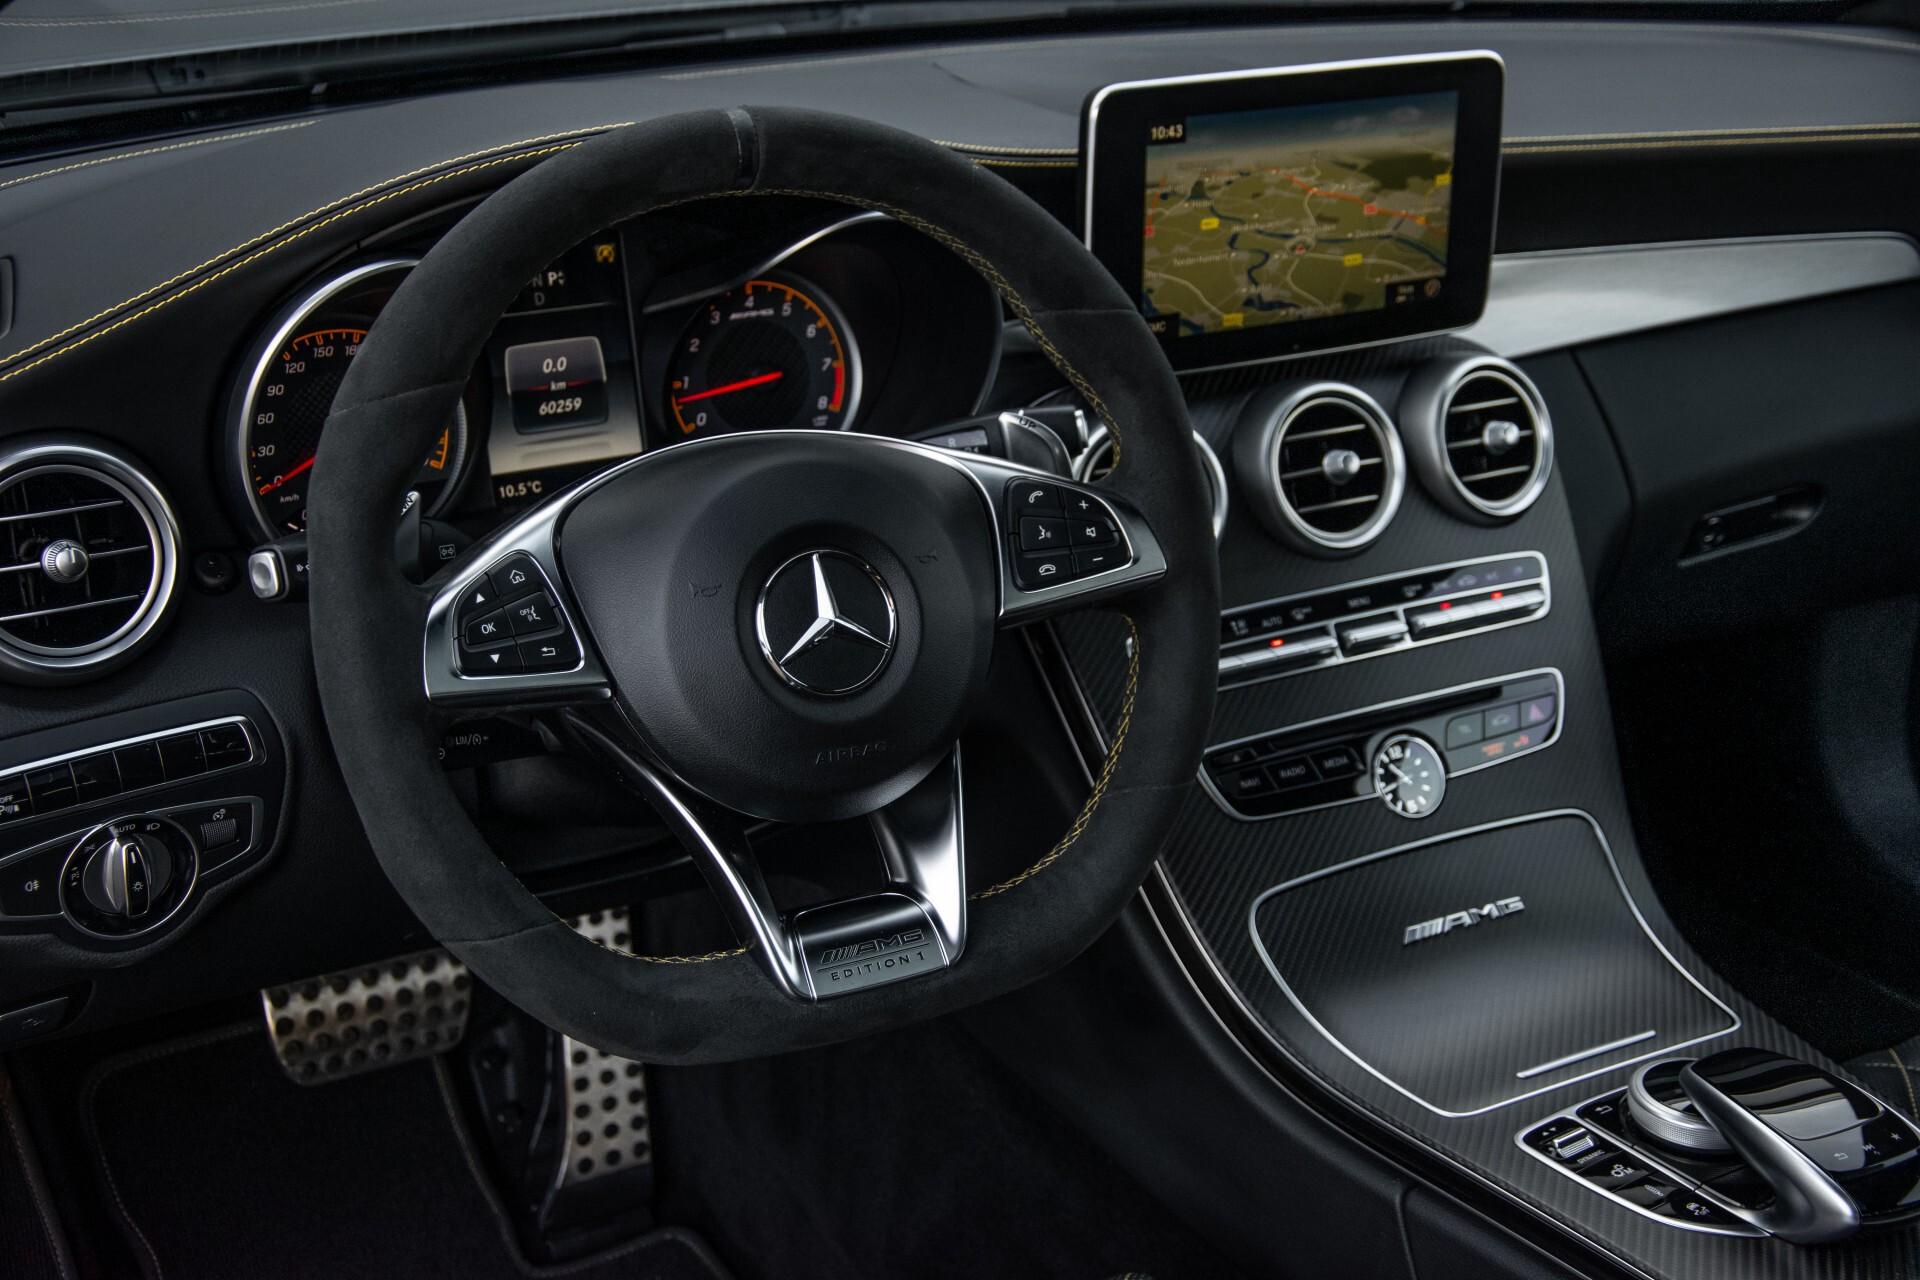 Mercedes-Benz C-Klasse Coupé 63 S AMG EDITION 1 Panorama Aut7 Foto 36